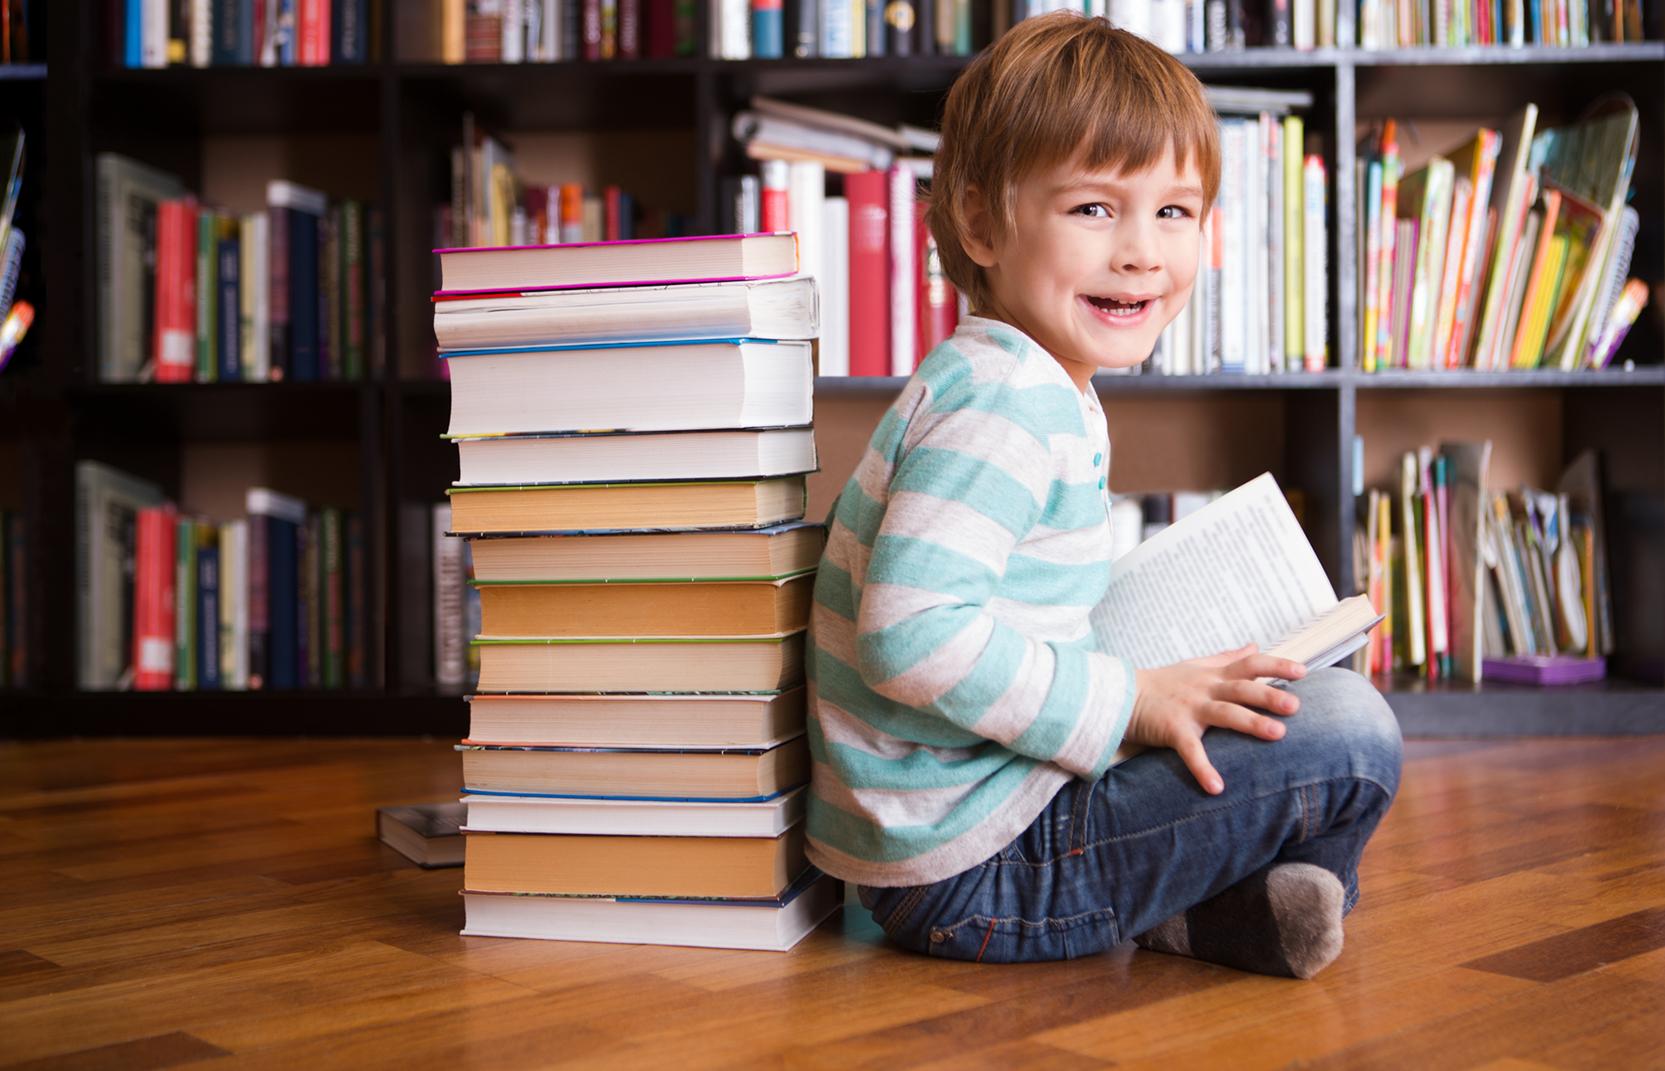 child care consultant